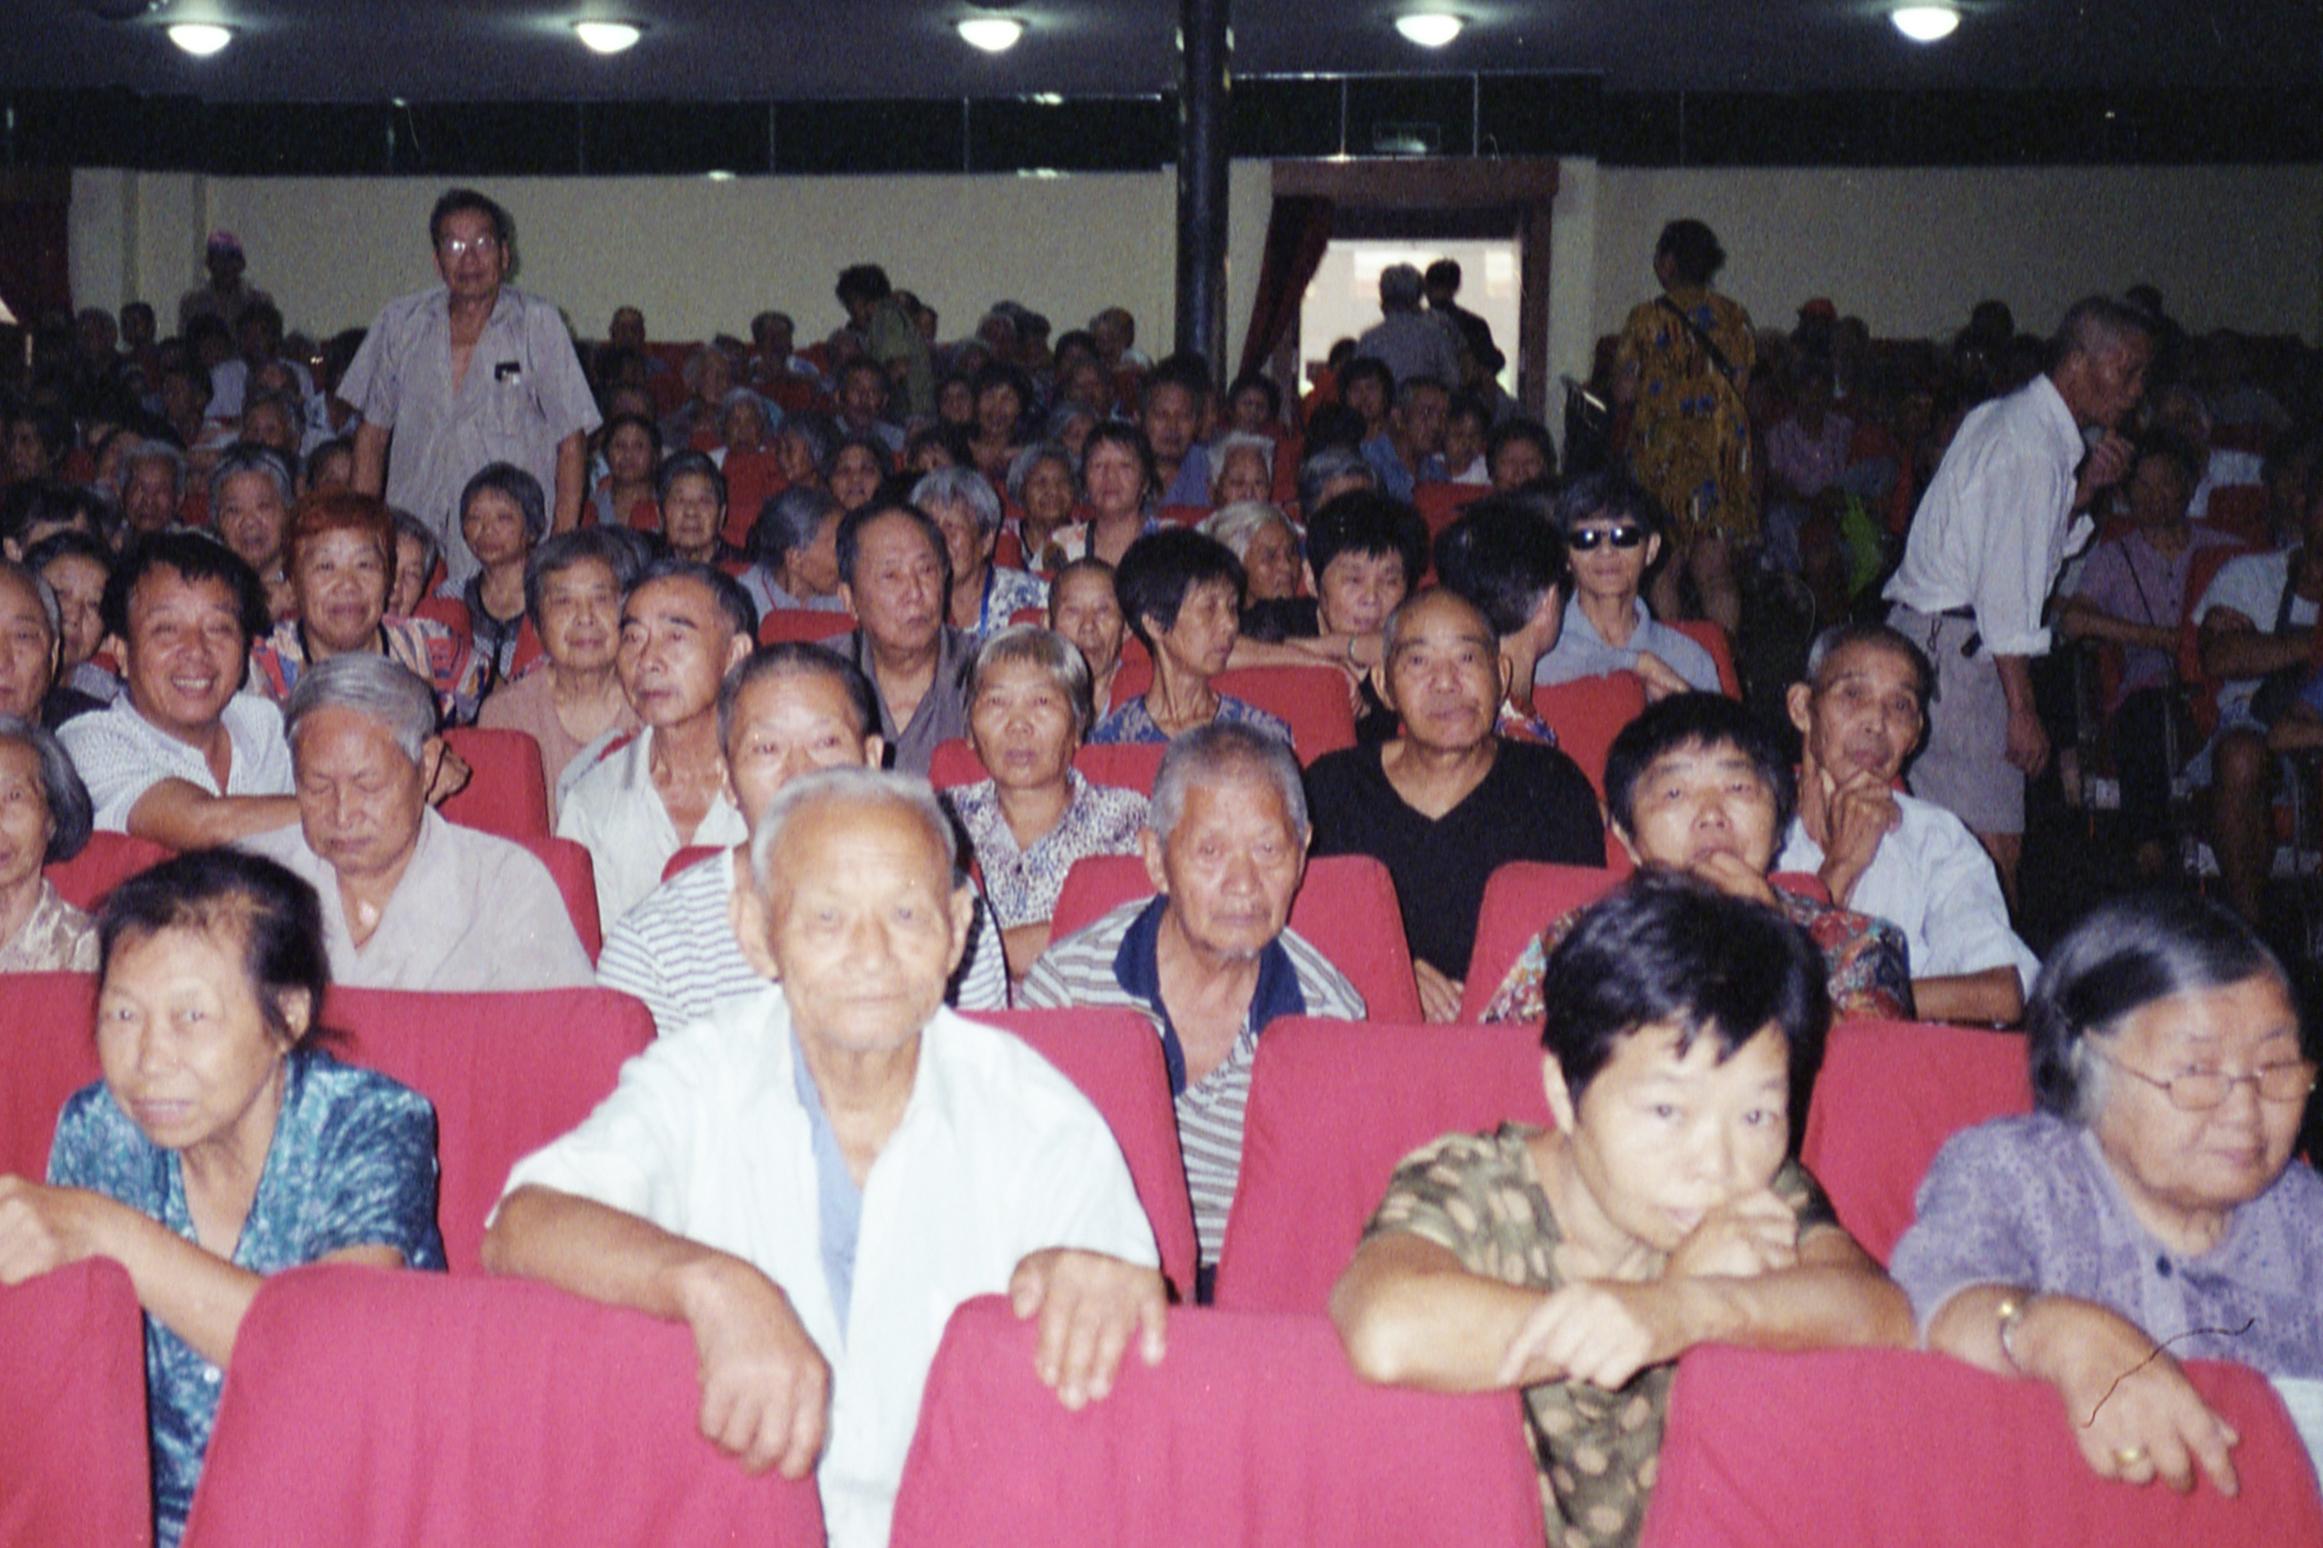 2018年7月,浙江临海,早上6点,旧时的台州影剧院内坐满了老人。澎湃新闻记者 周平浪 图